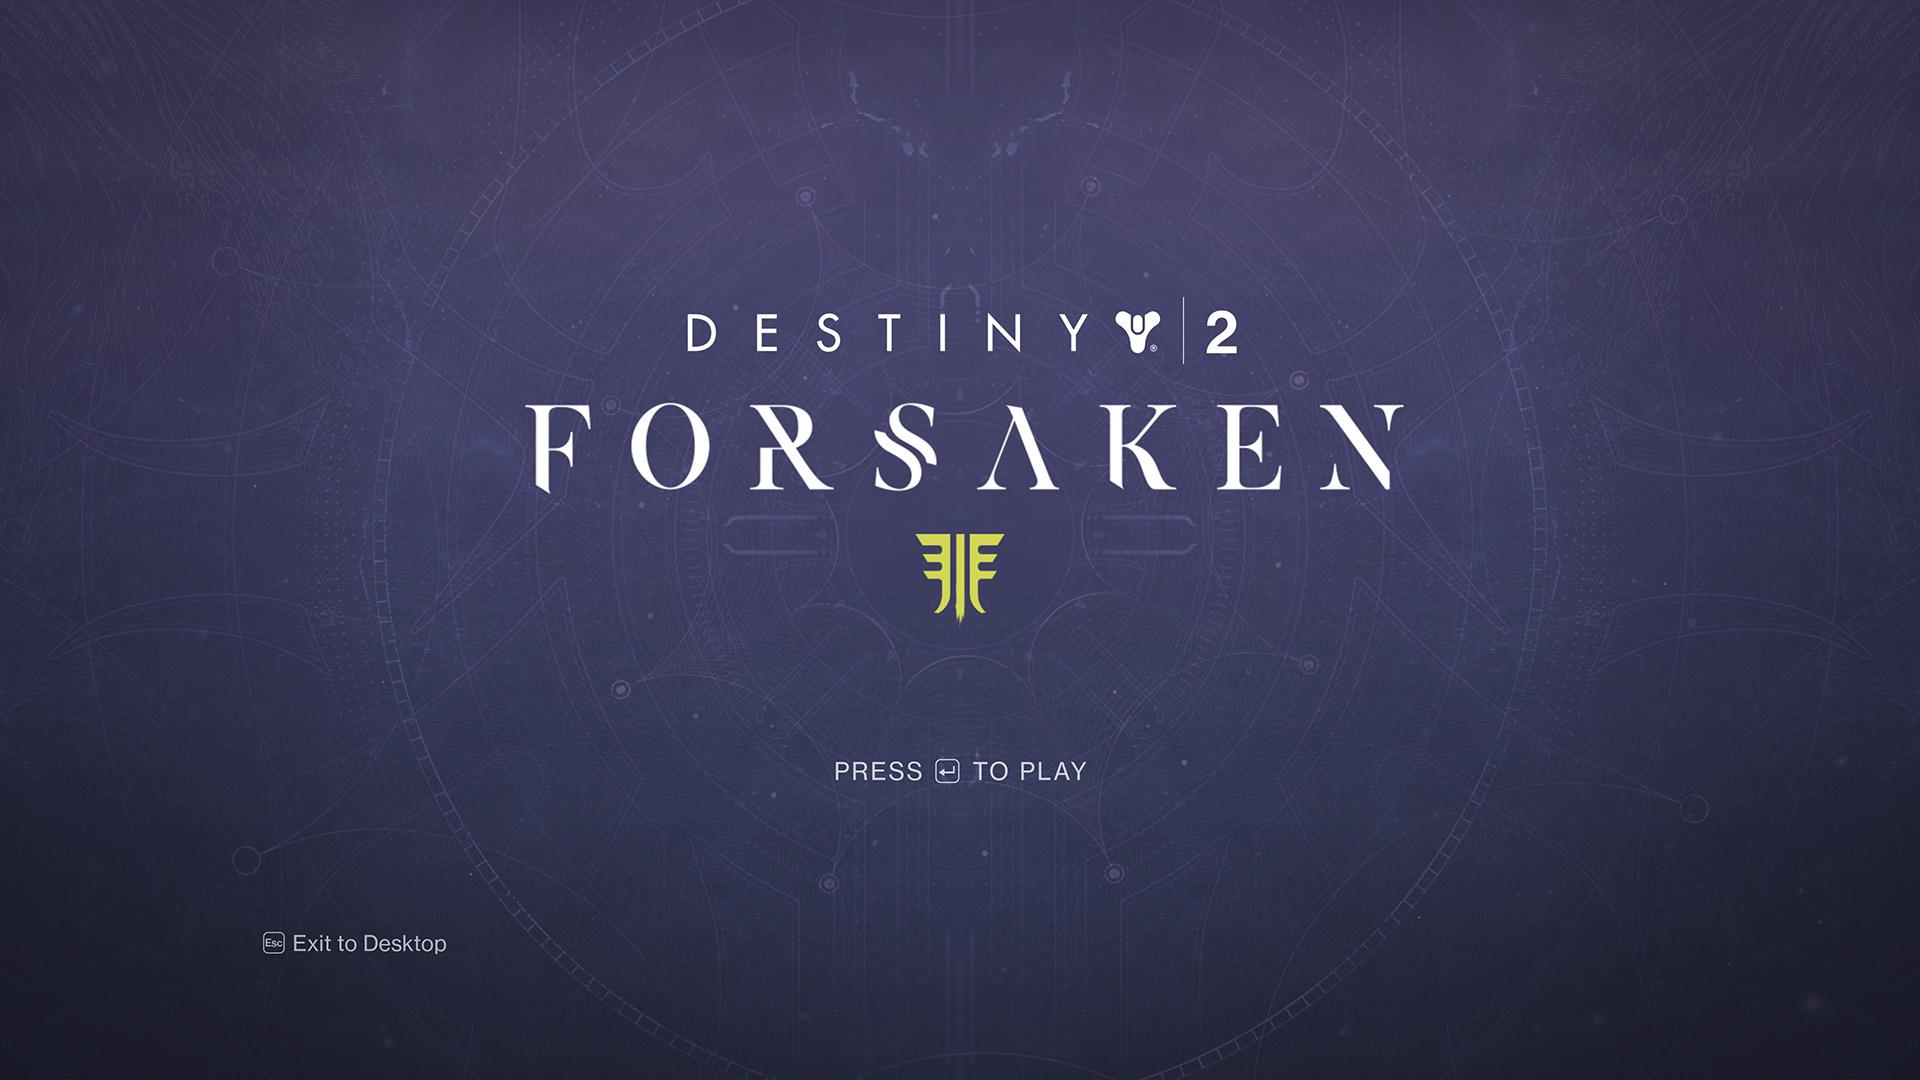 _0025_Destiny 2 Screenshot 2018.11.04 - 00.46.32.88.jpg